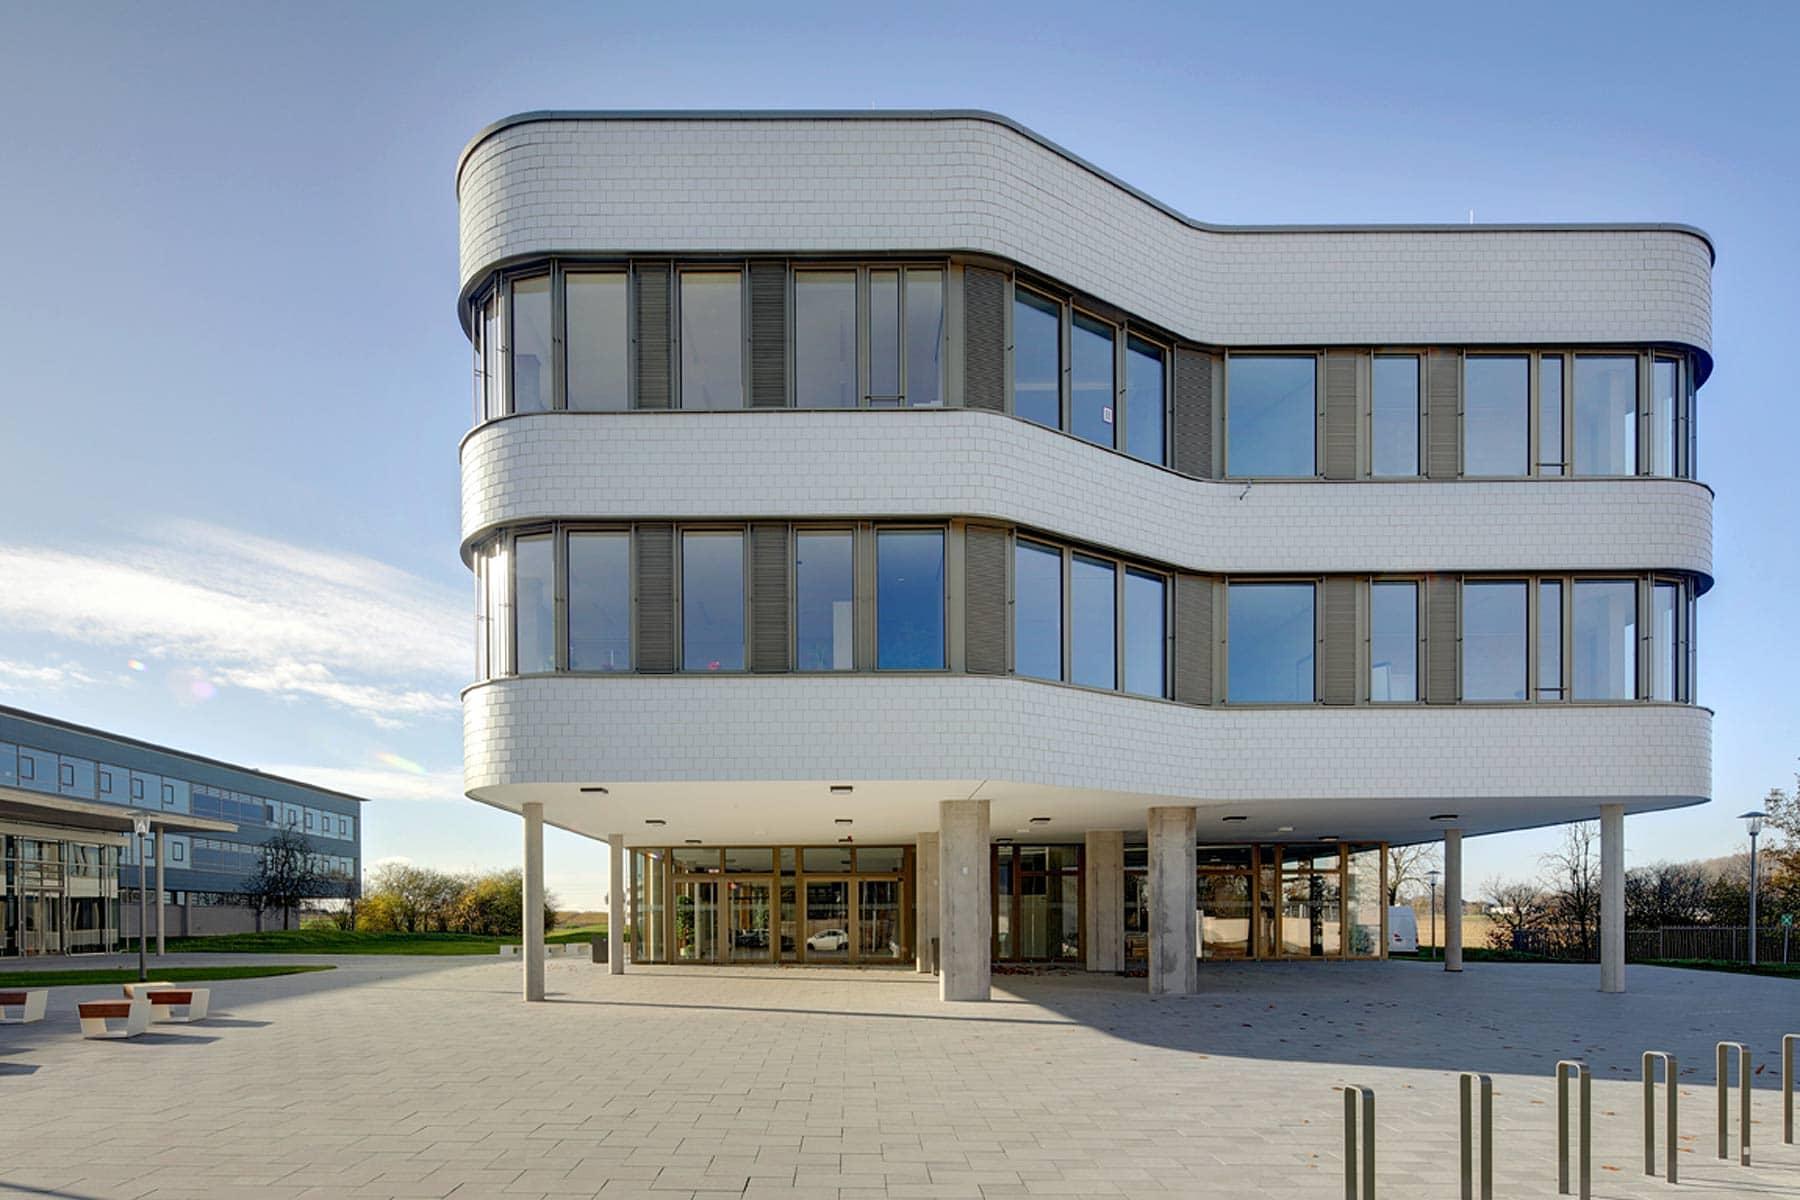 Berufliche Schule Bad Krozingen Stirnseite